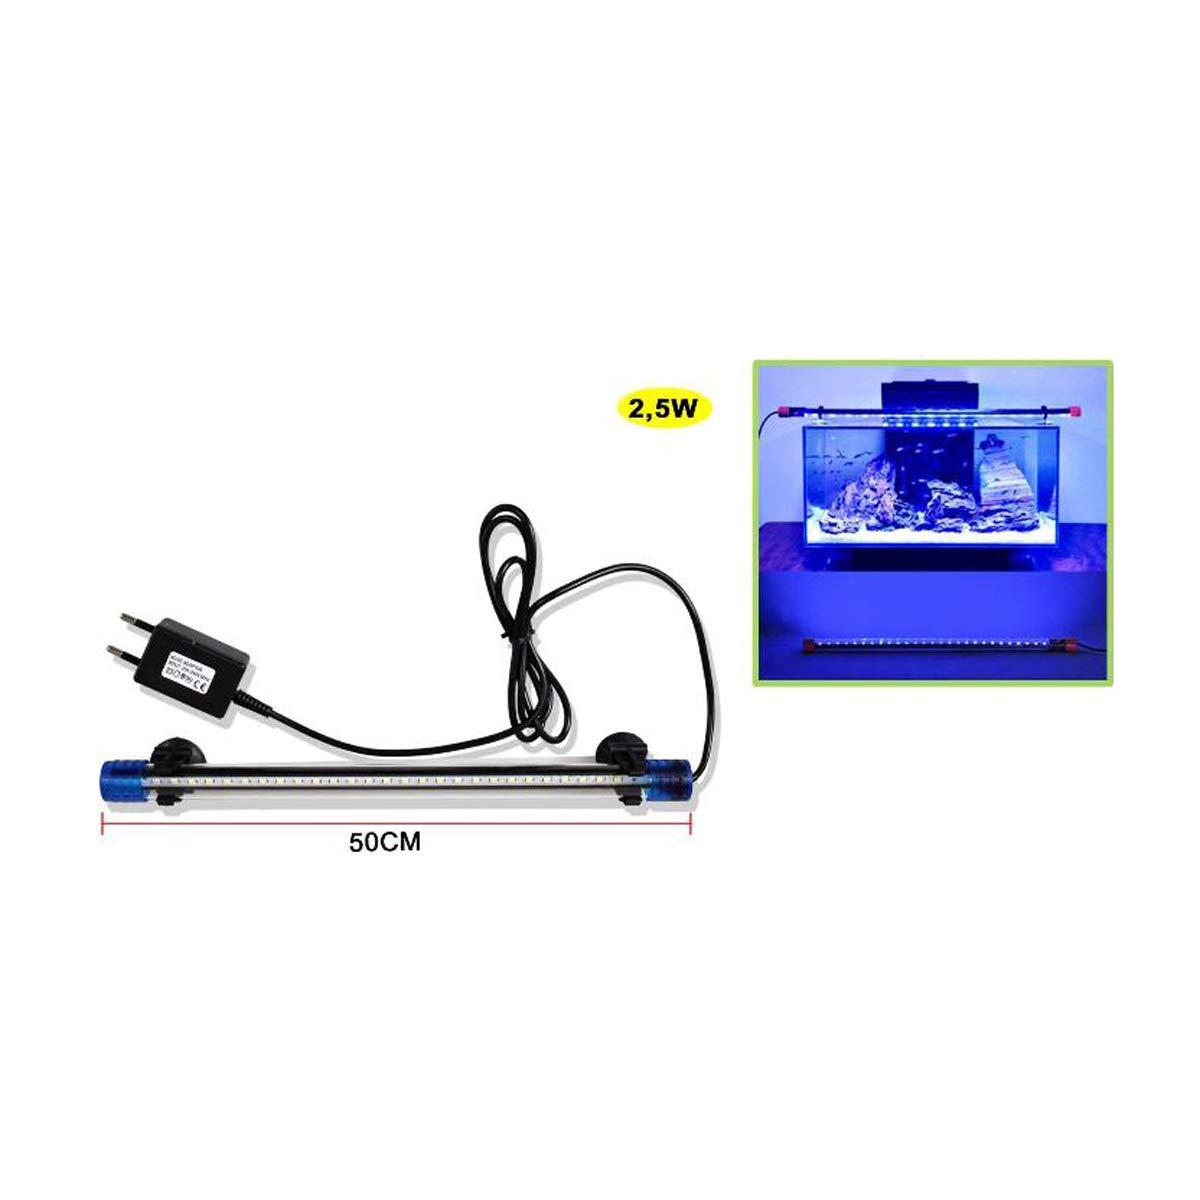 Cisne 2013, S.L. Lampara para Acuario LED 50cm pecera Sumergible. Tira de luz LED Medida 50cm 2W de Potencia.: Amazon.es: Hogar